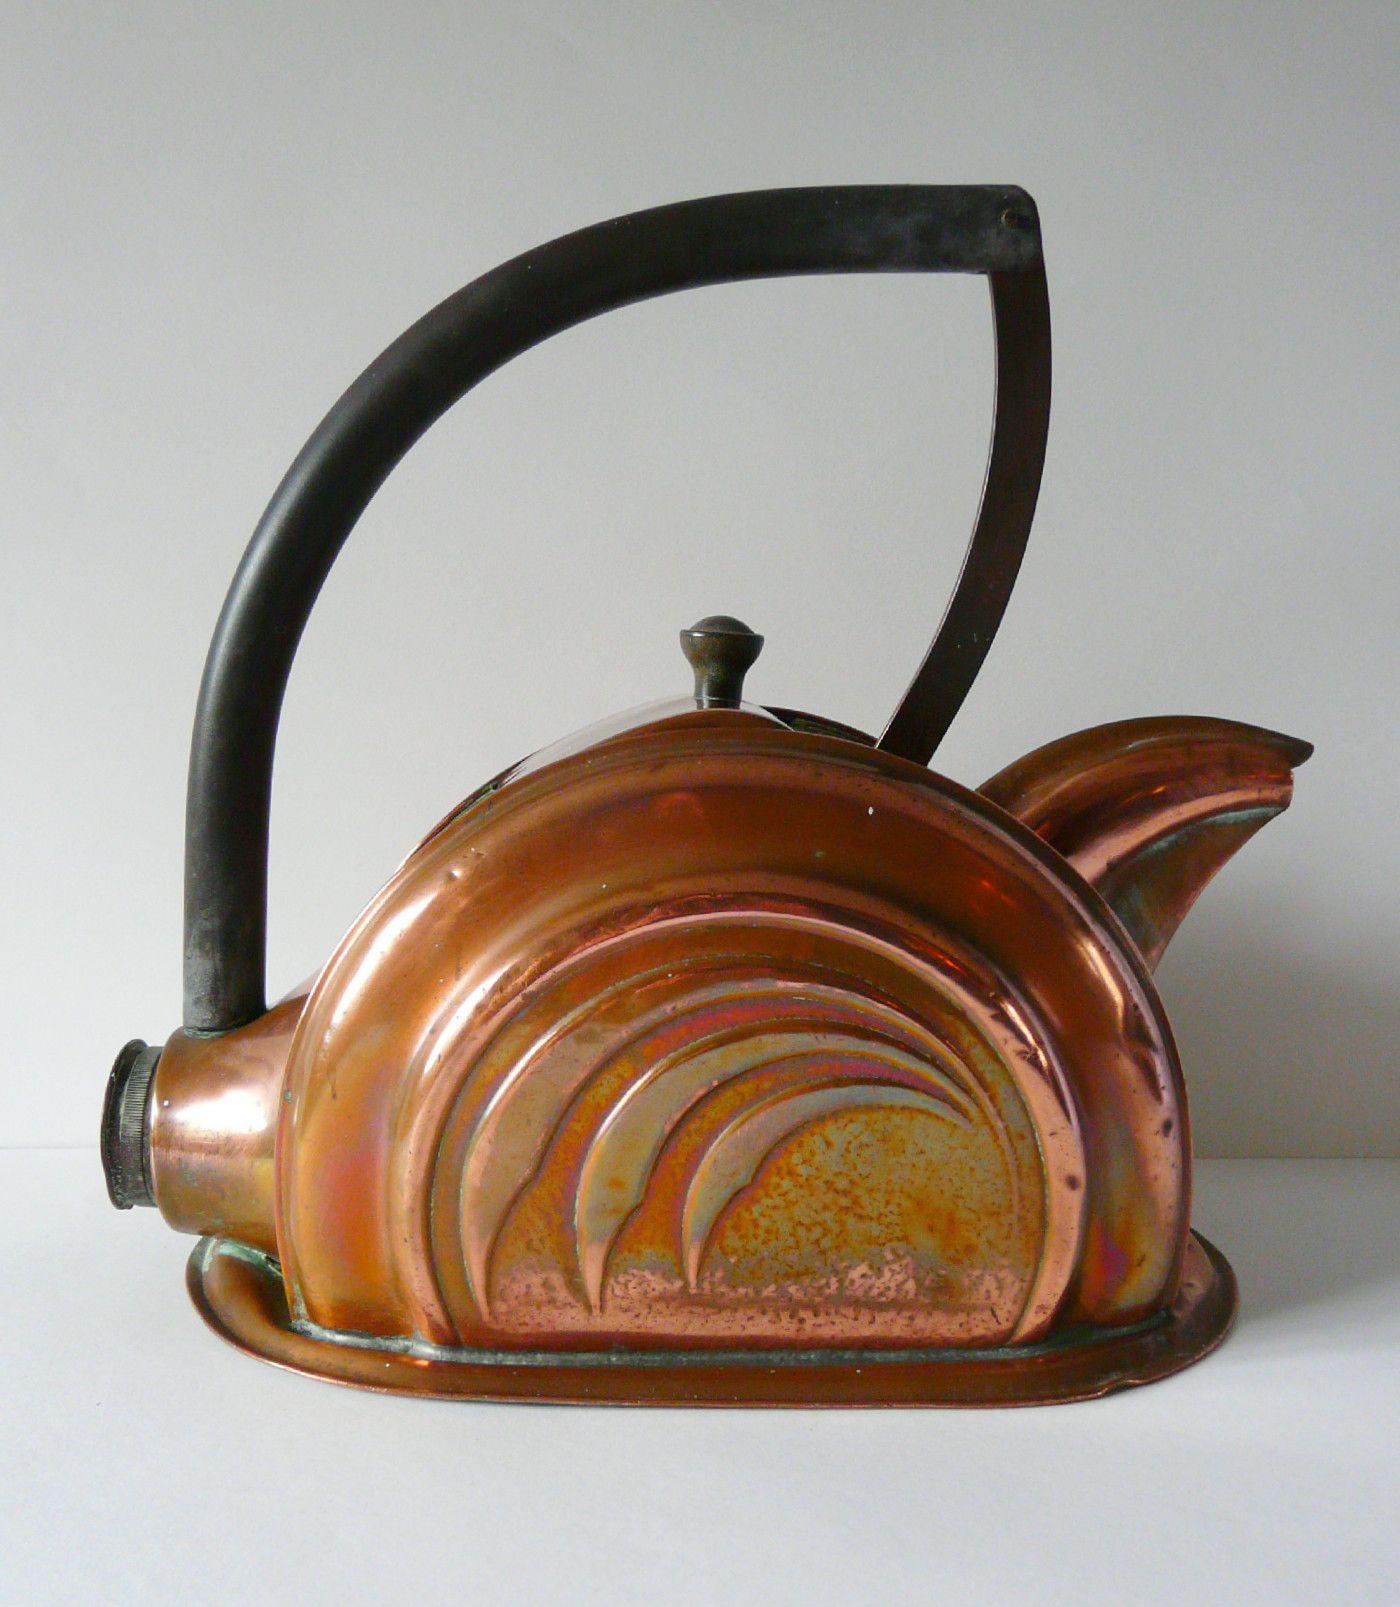 art deco copper kettle rosie s emporium shrewsbury august 2015